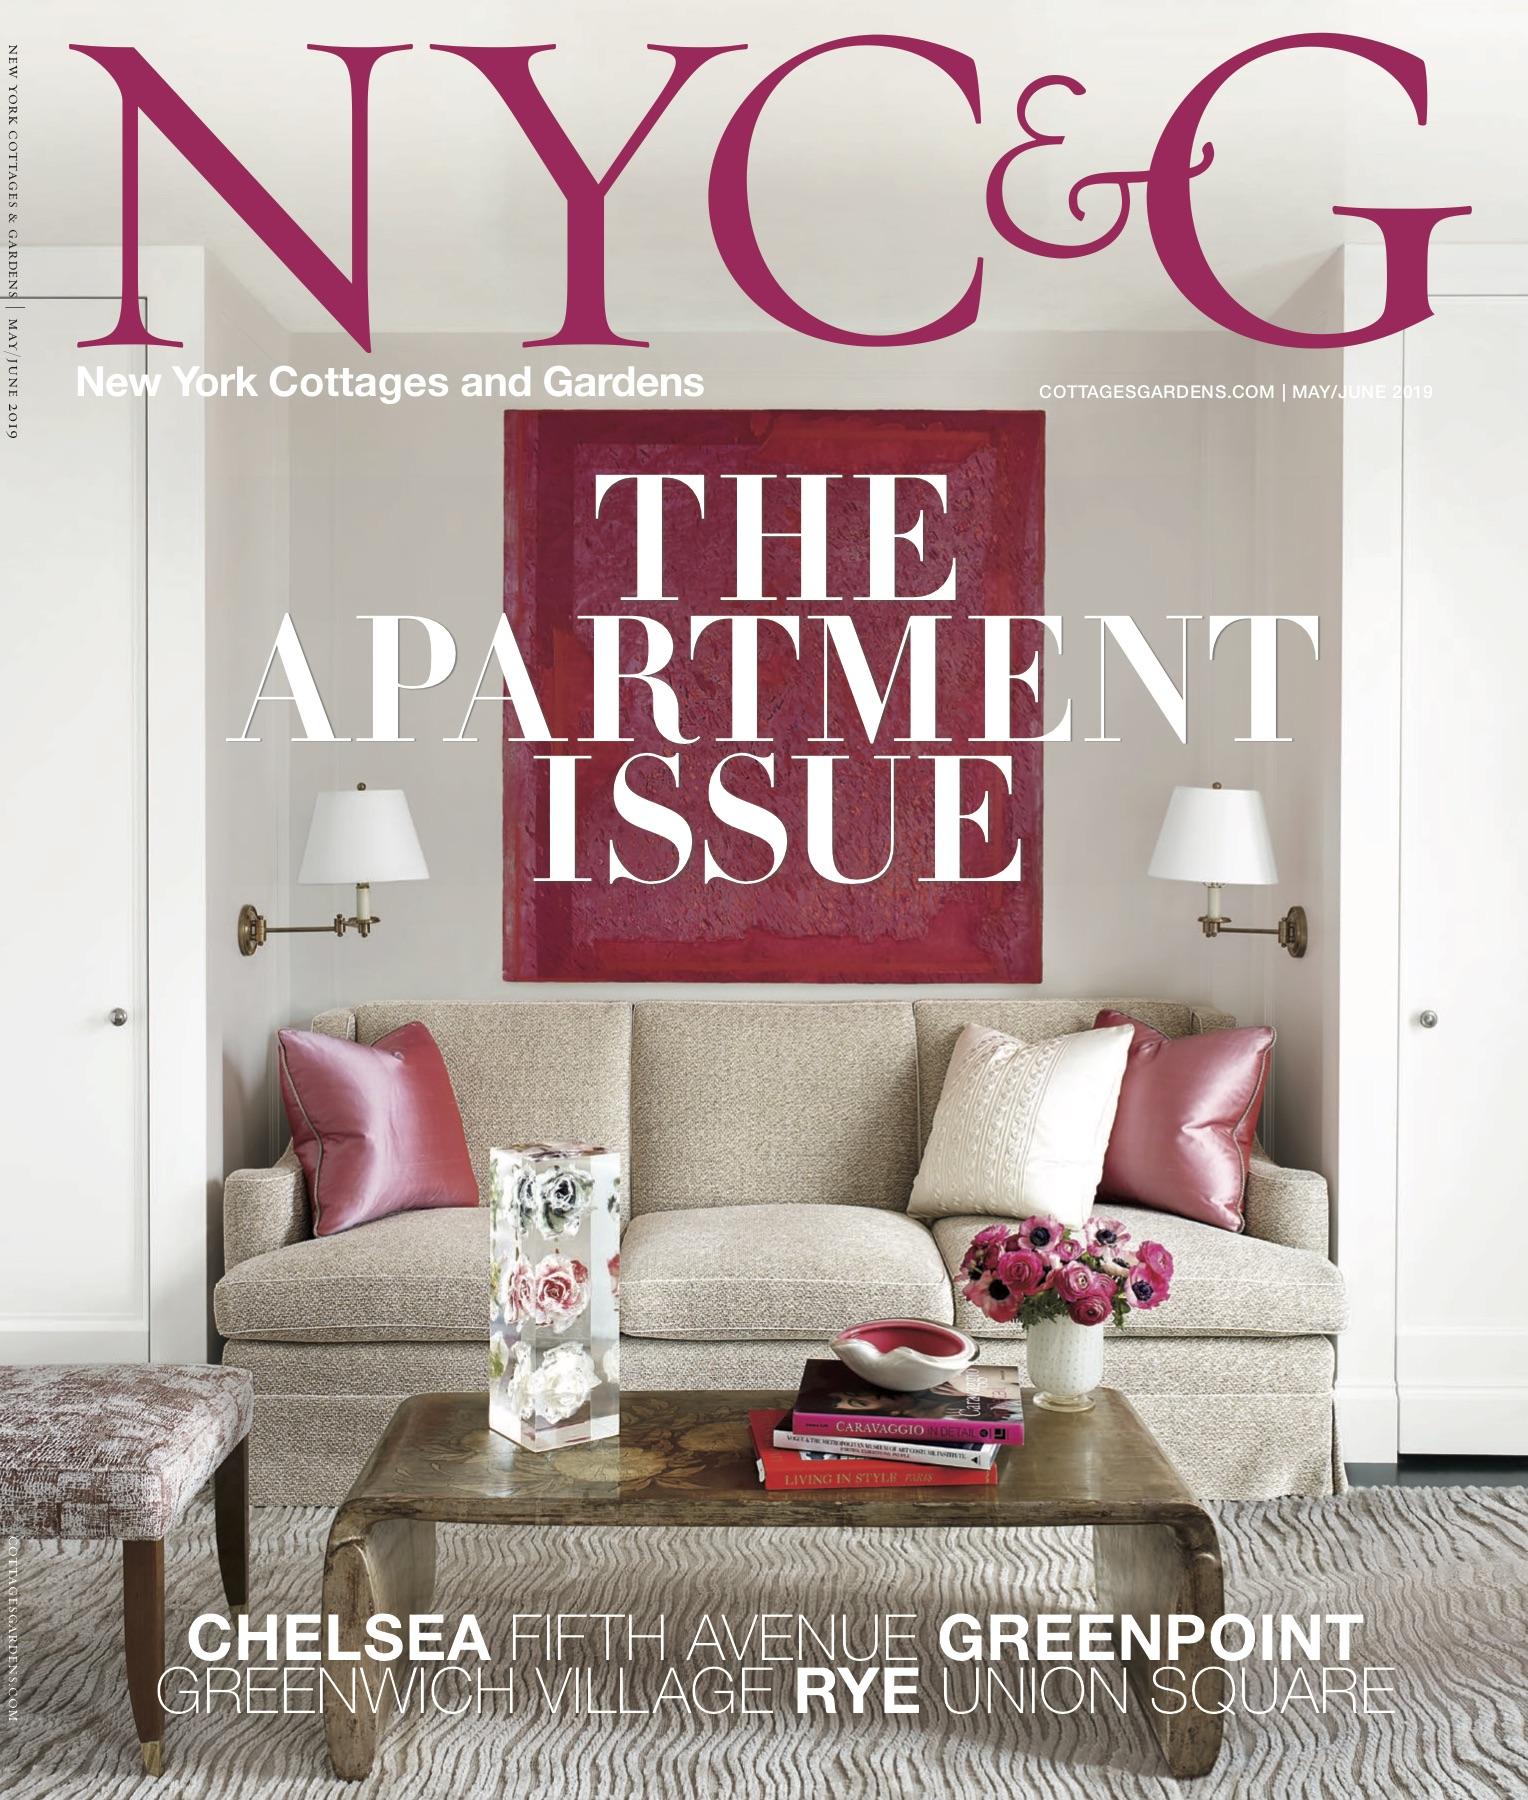 NYC&G ShopTalk 0419[6] (dragged) copy.jpg